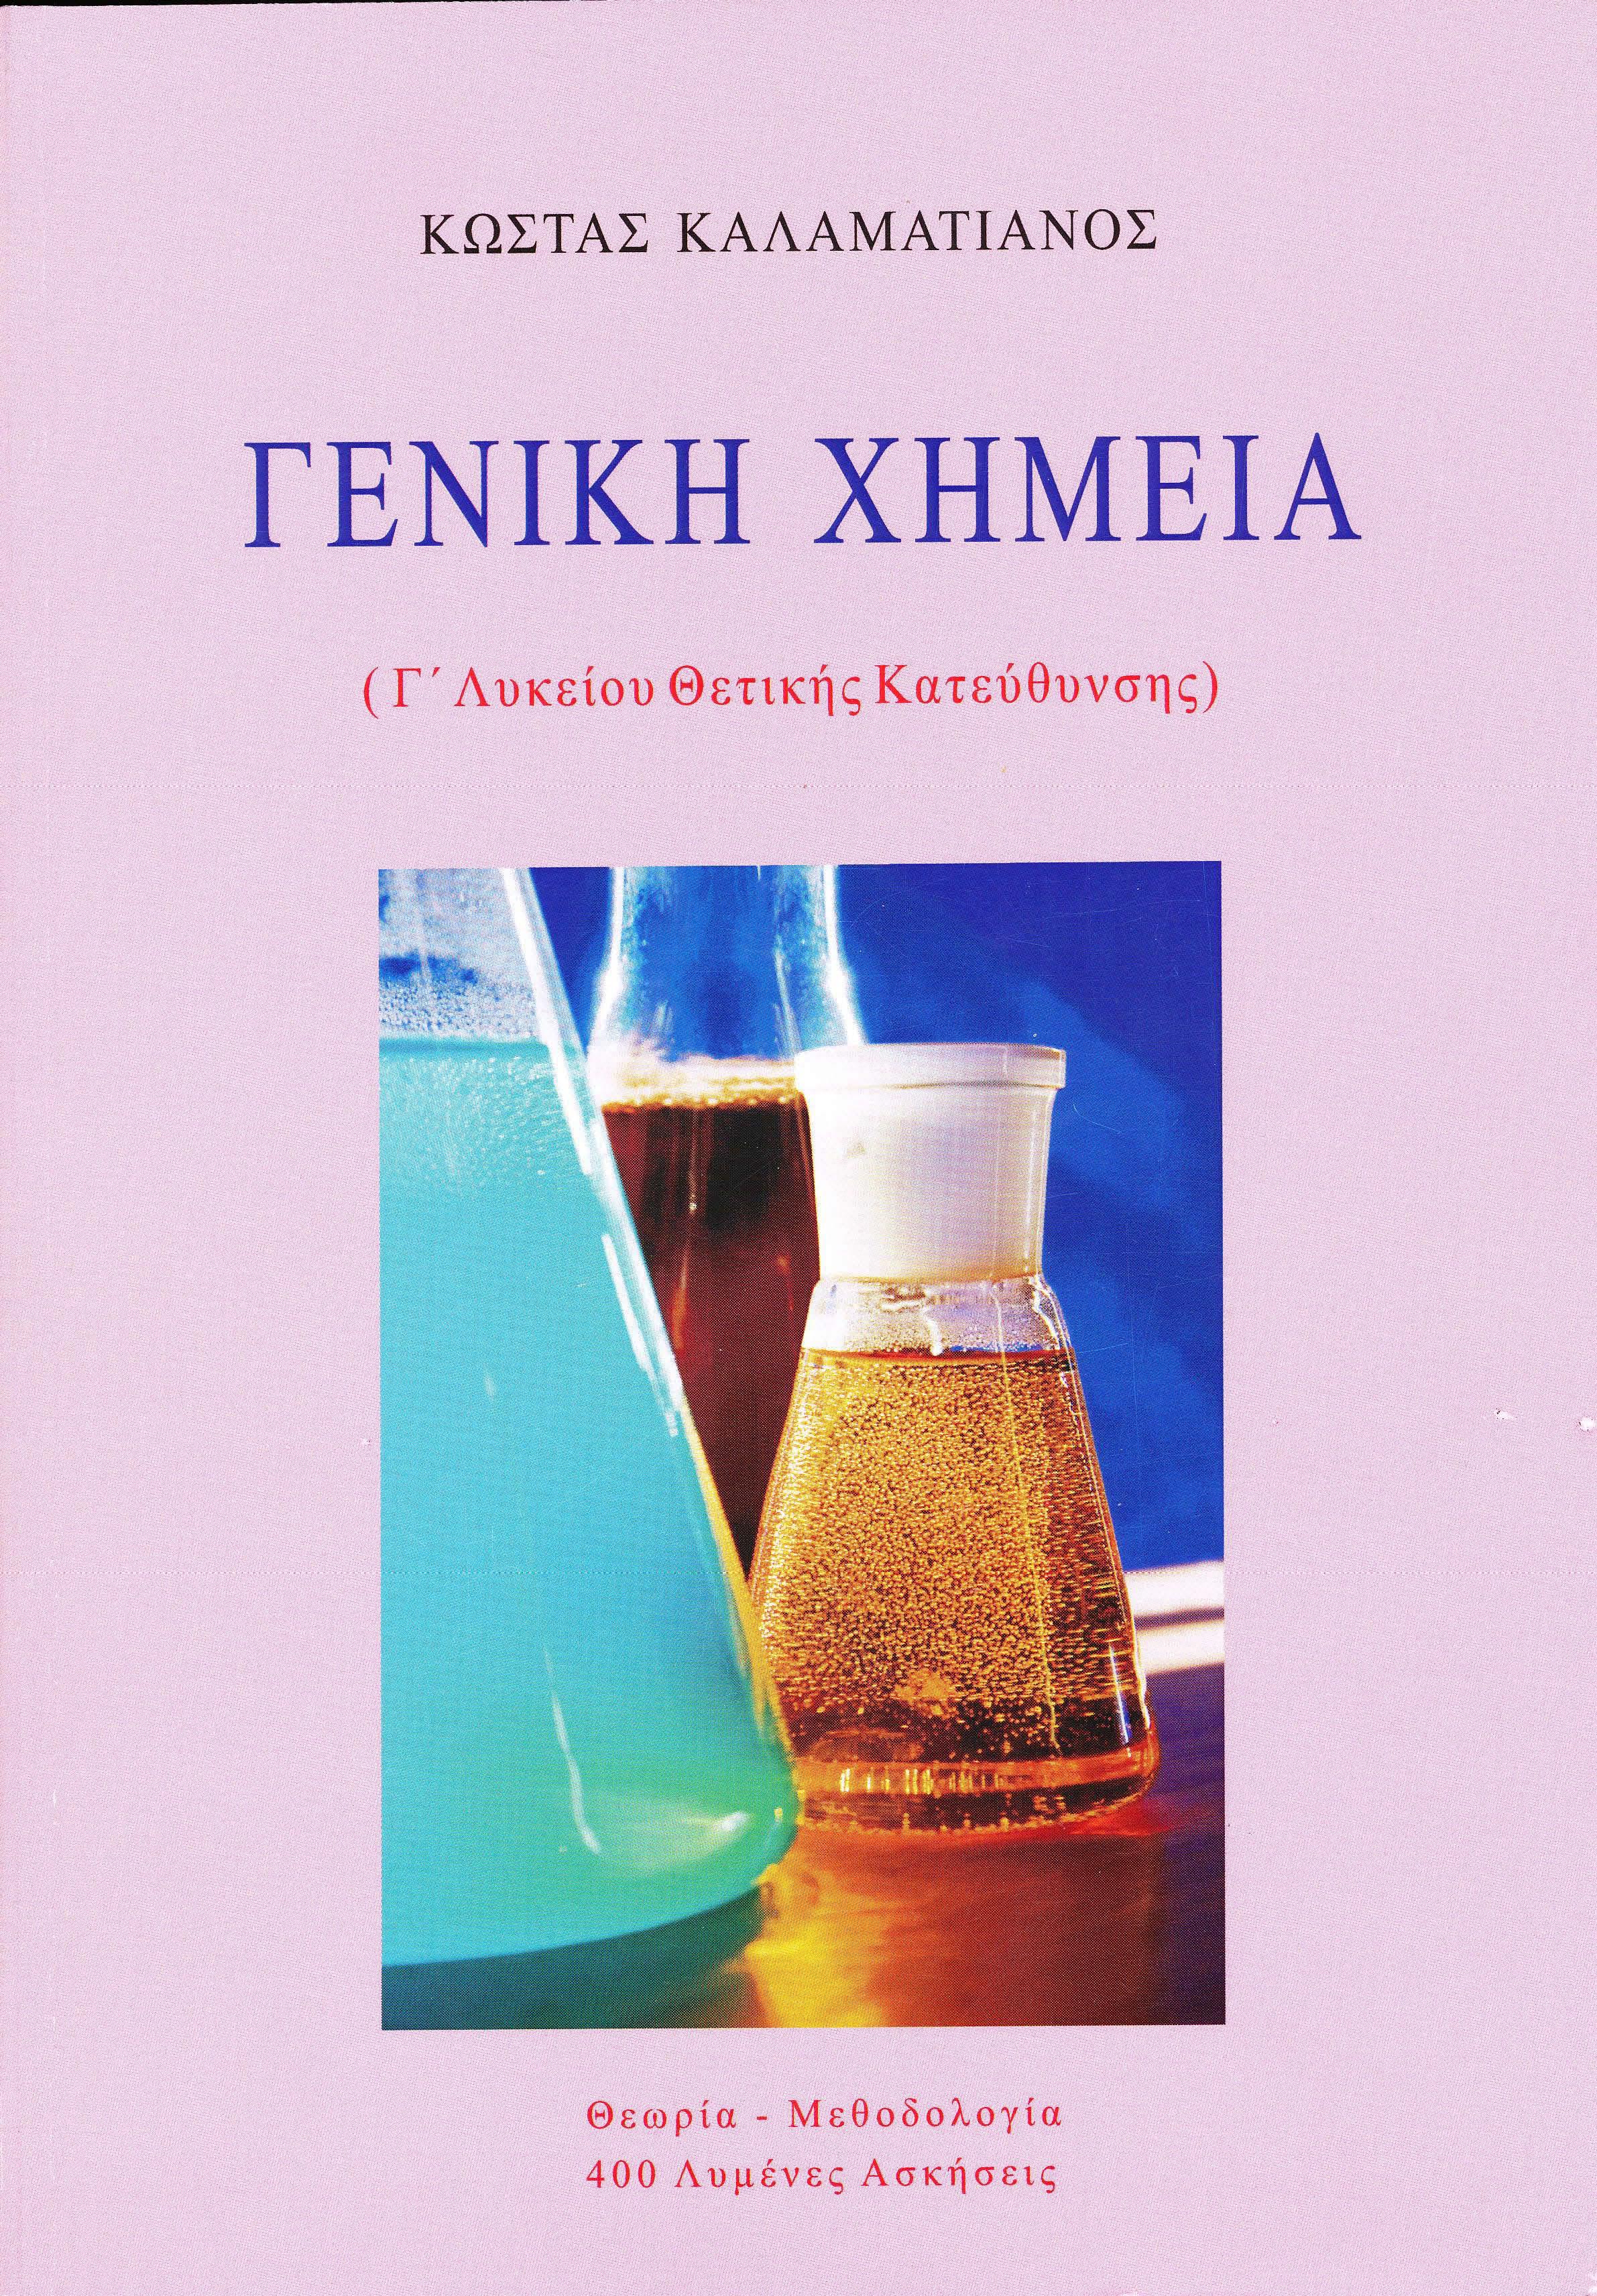 Βιβλίο-Βοήθημα Χημείας Γ Λυκείου -Γενική Χημεία Γ Λυκείου - Θεωρία και Ασκήσεις